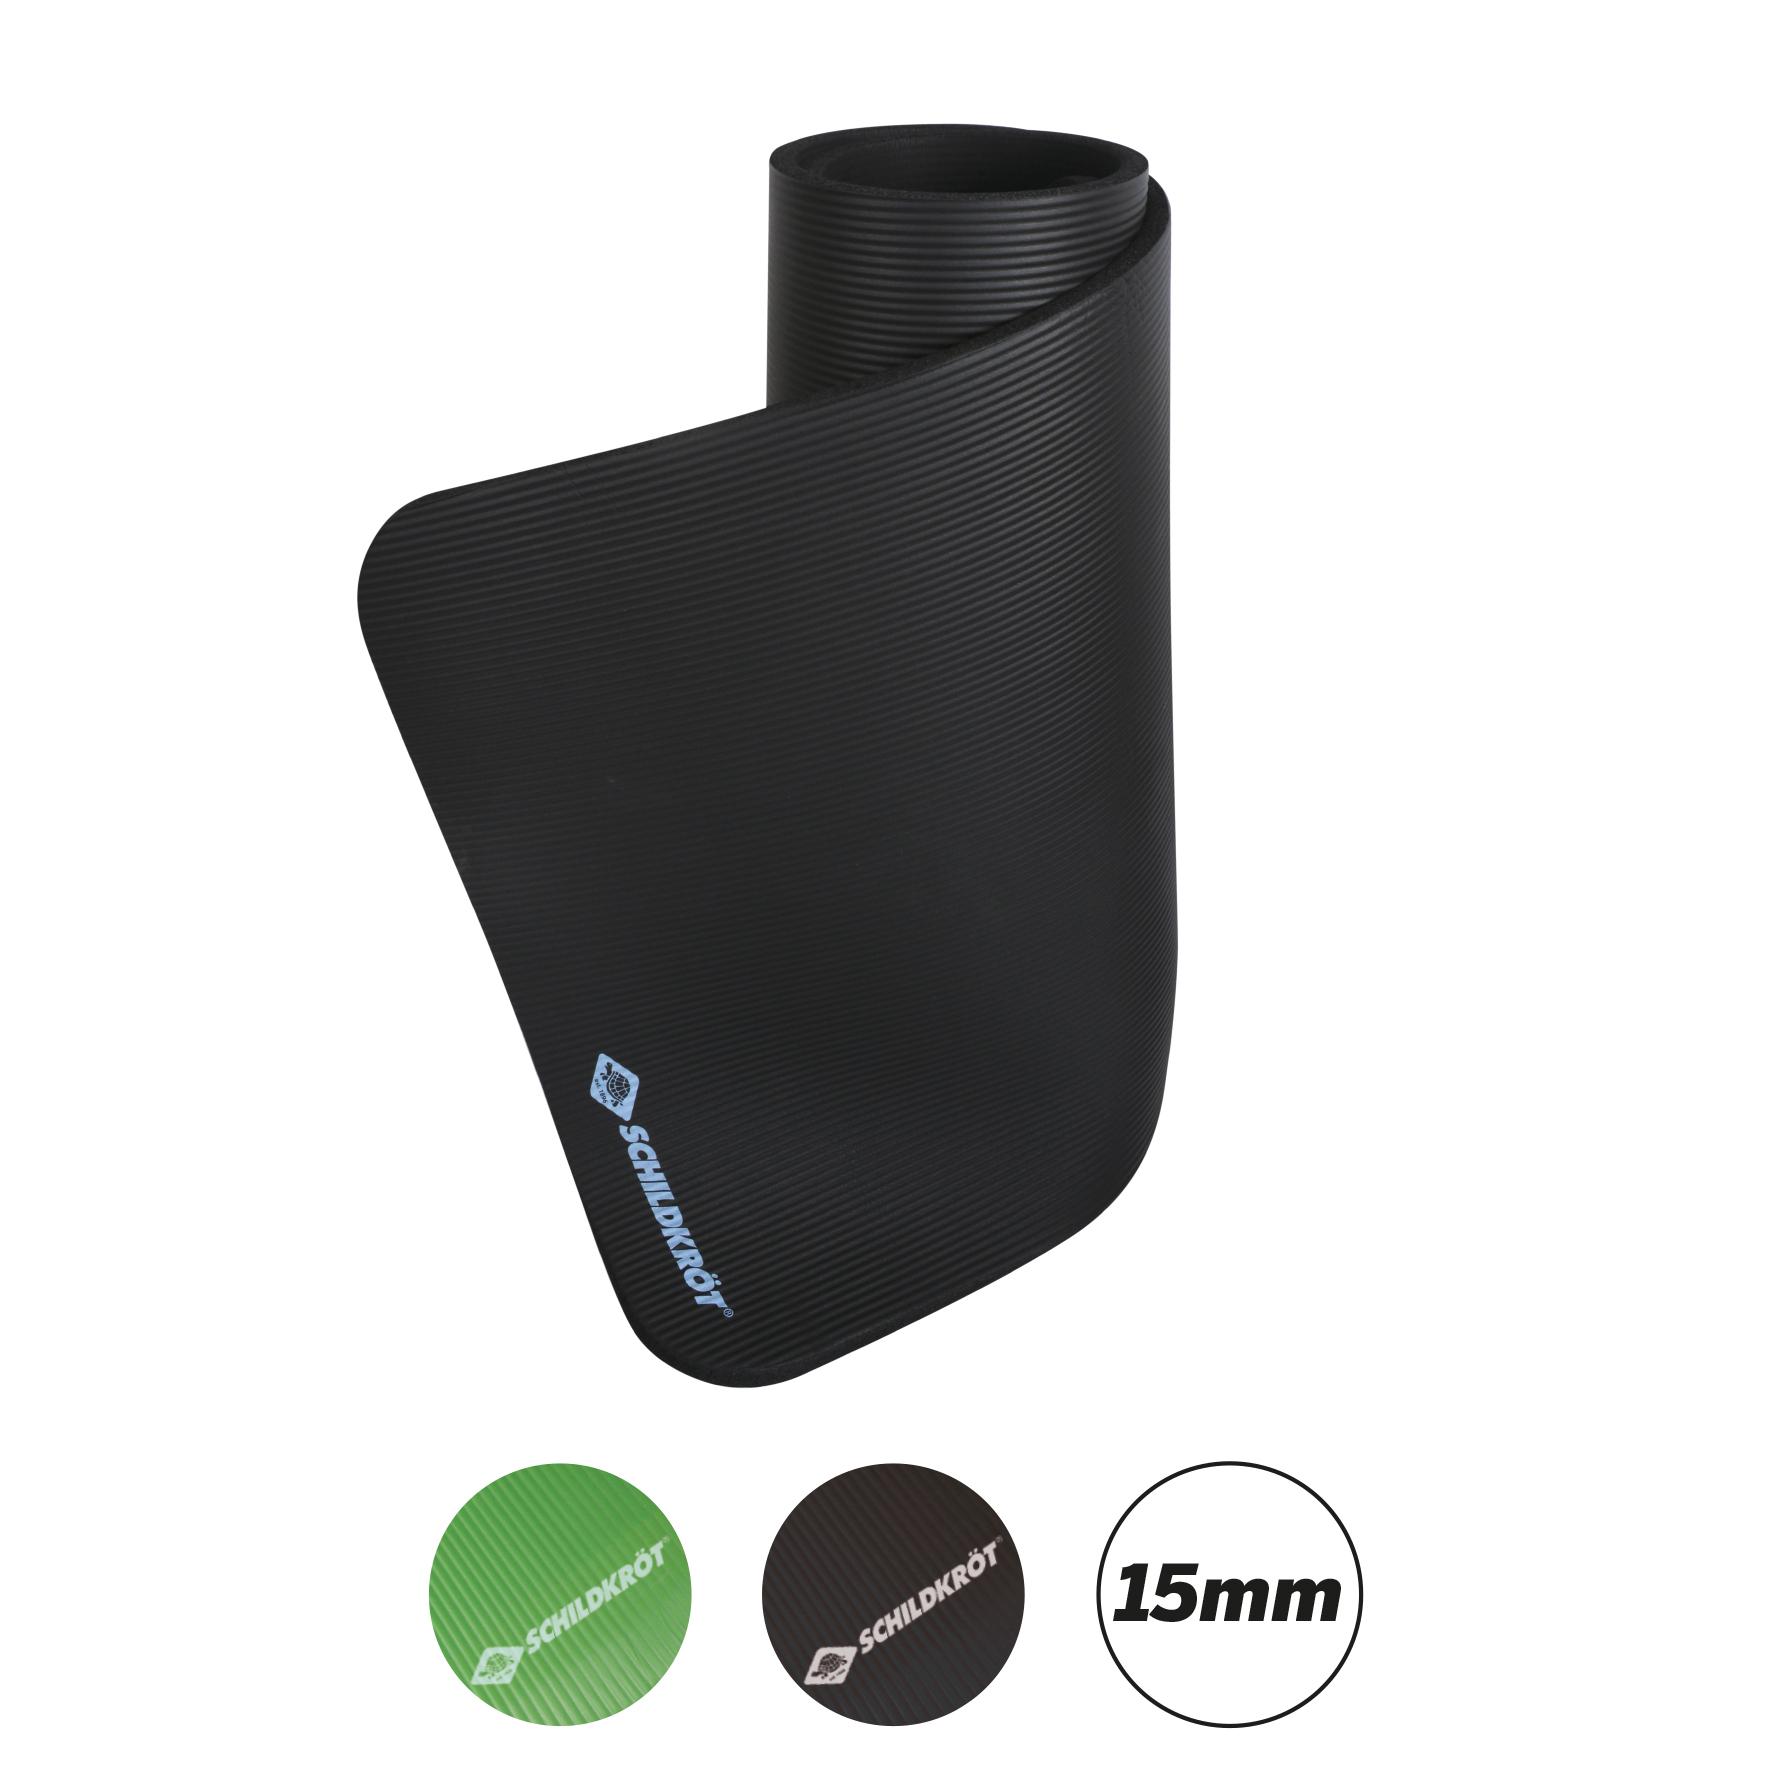 Fitnessmatte, 15 mm, mit Tragegurt